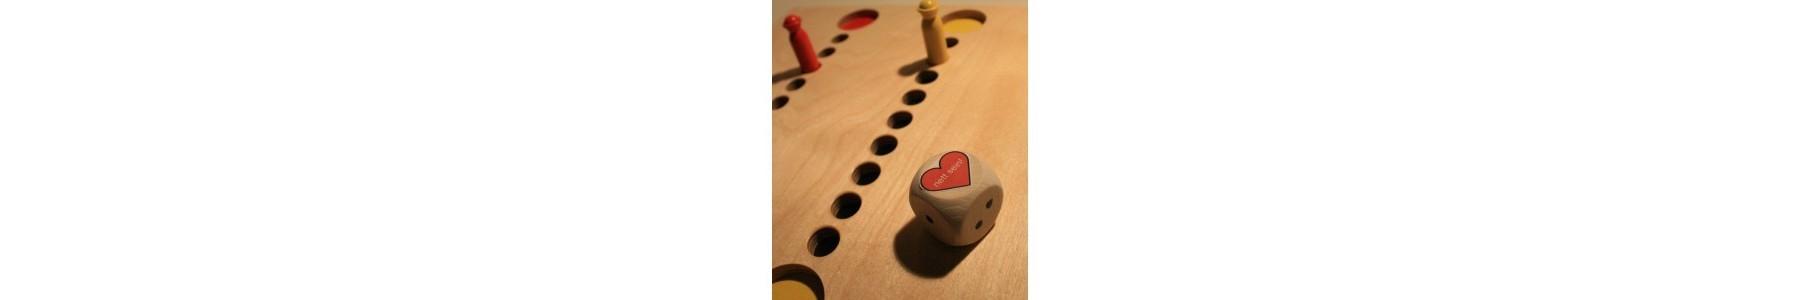 Brettspiele & Gesellschaftsspiele